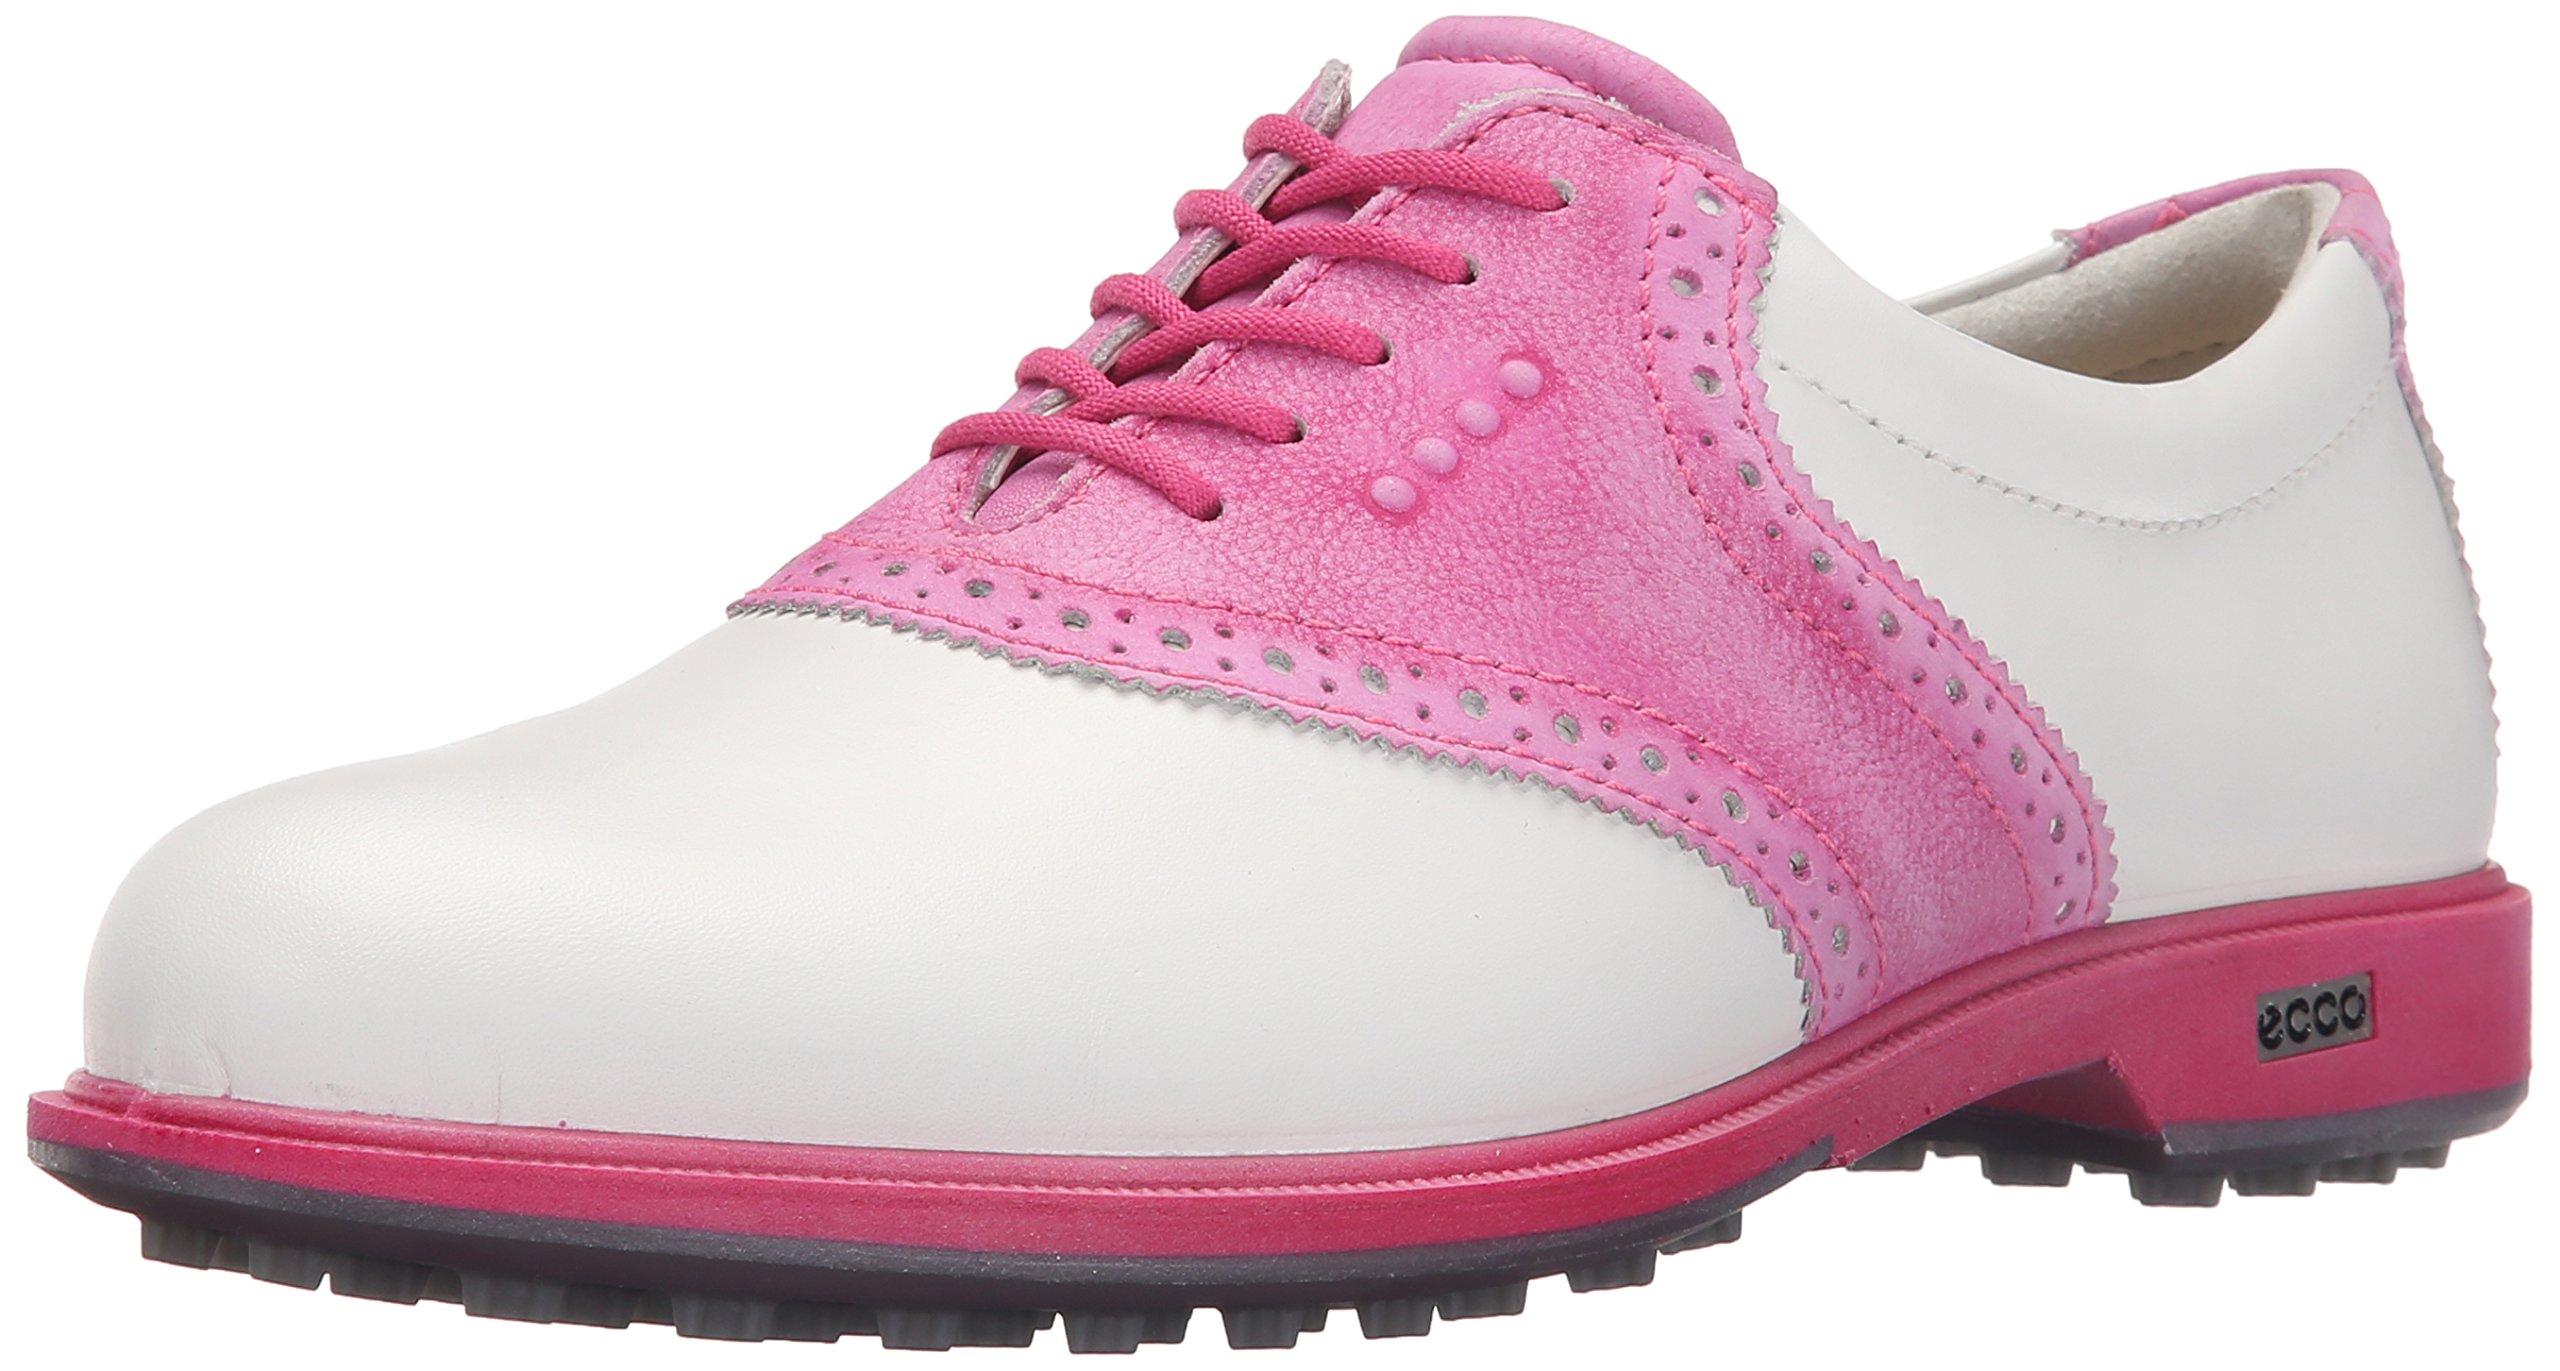 ECCO Women's Classic Hybrid II Golf Shoe, White/Candy, 40 EU/9-9.5 M US